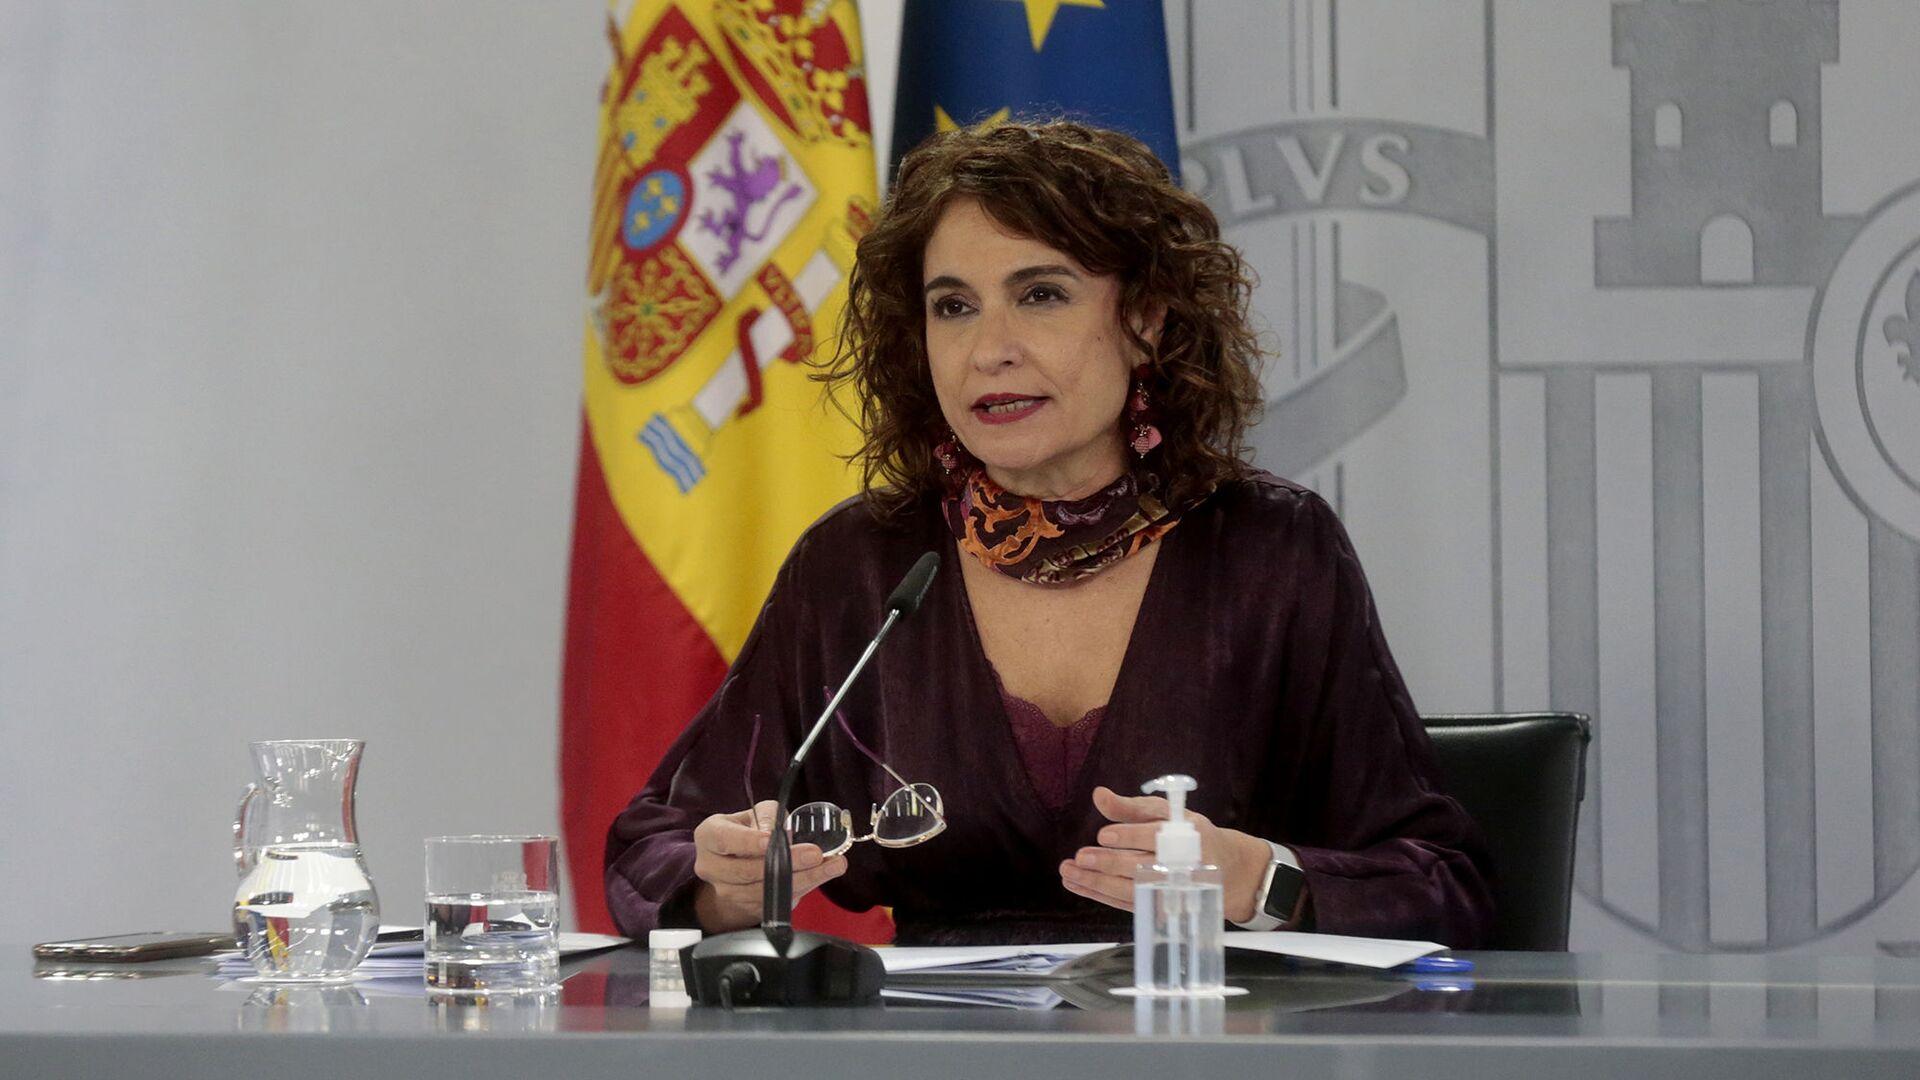 La ministra de Hacienda y portavoz del Gobierno, María Jesús Montero - Sputnik Mundo, 1920, 24.06.2021